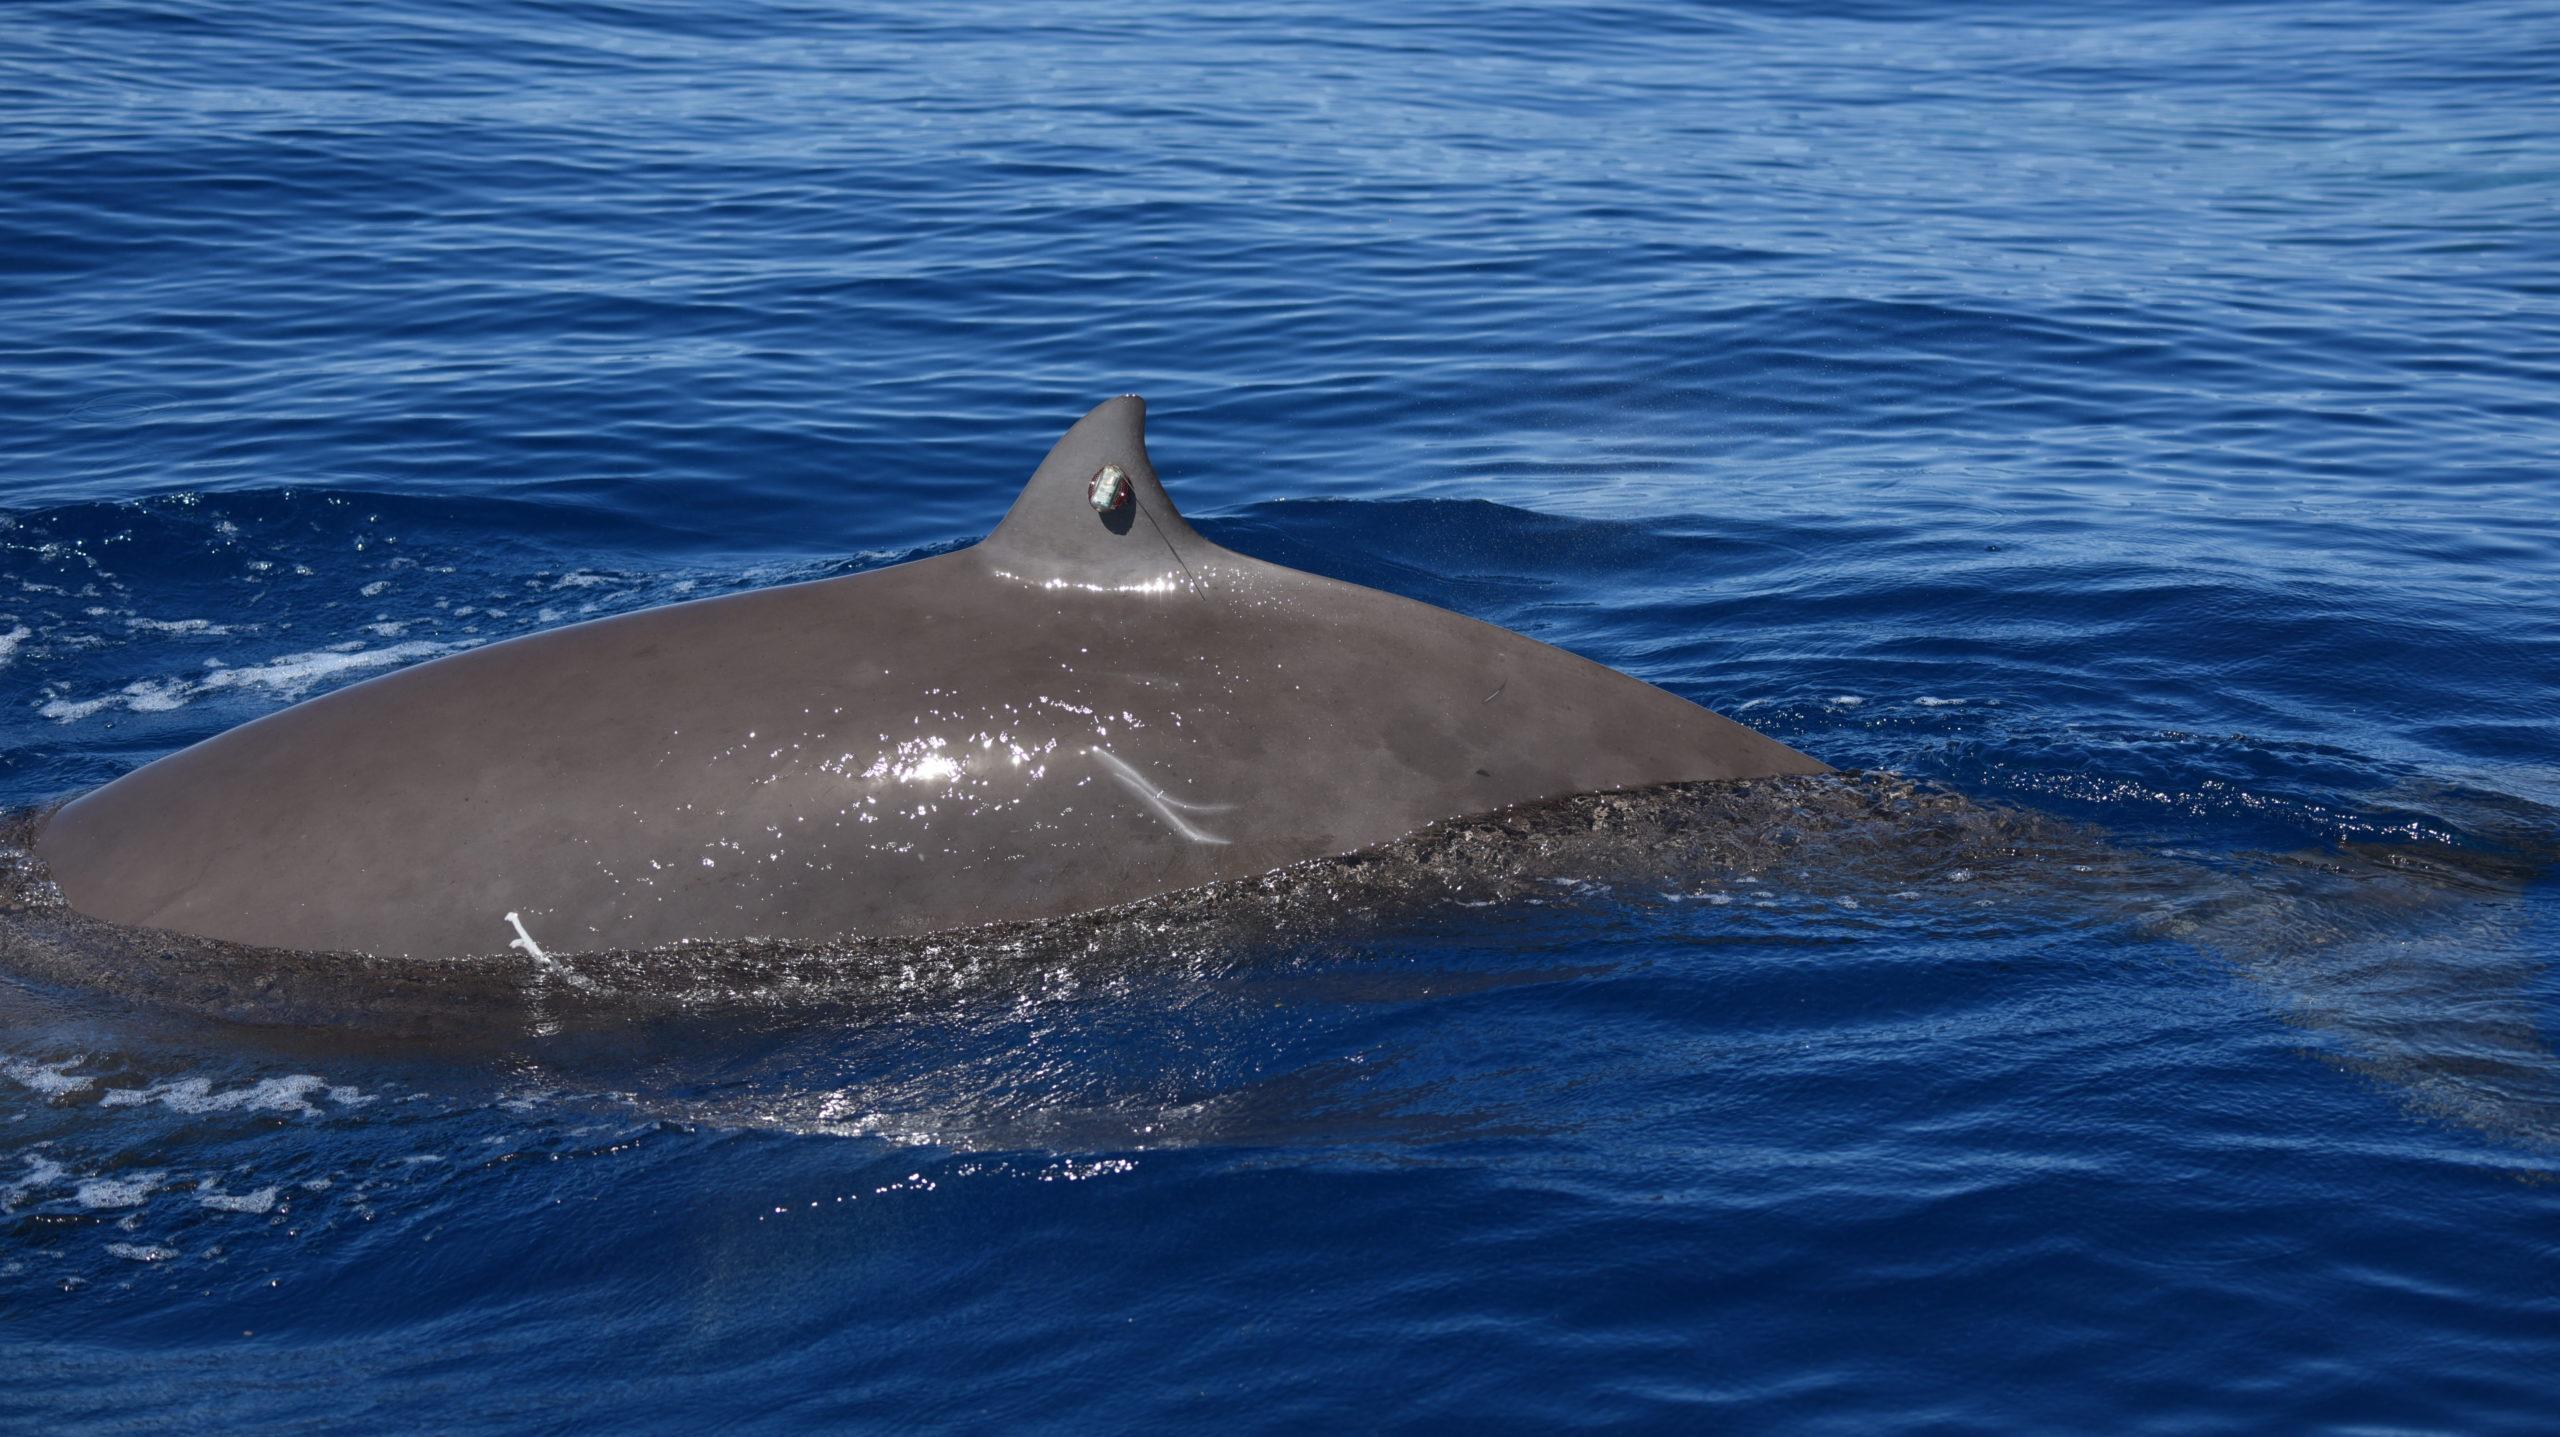 Baleia surpreende cientistas ao ficar quase 4 horas submersa. Crédito: NOAA